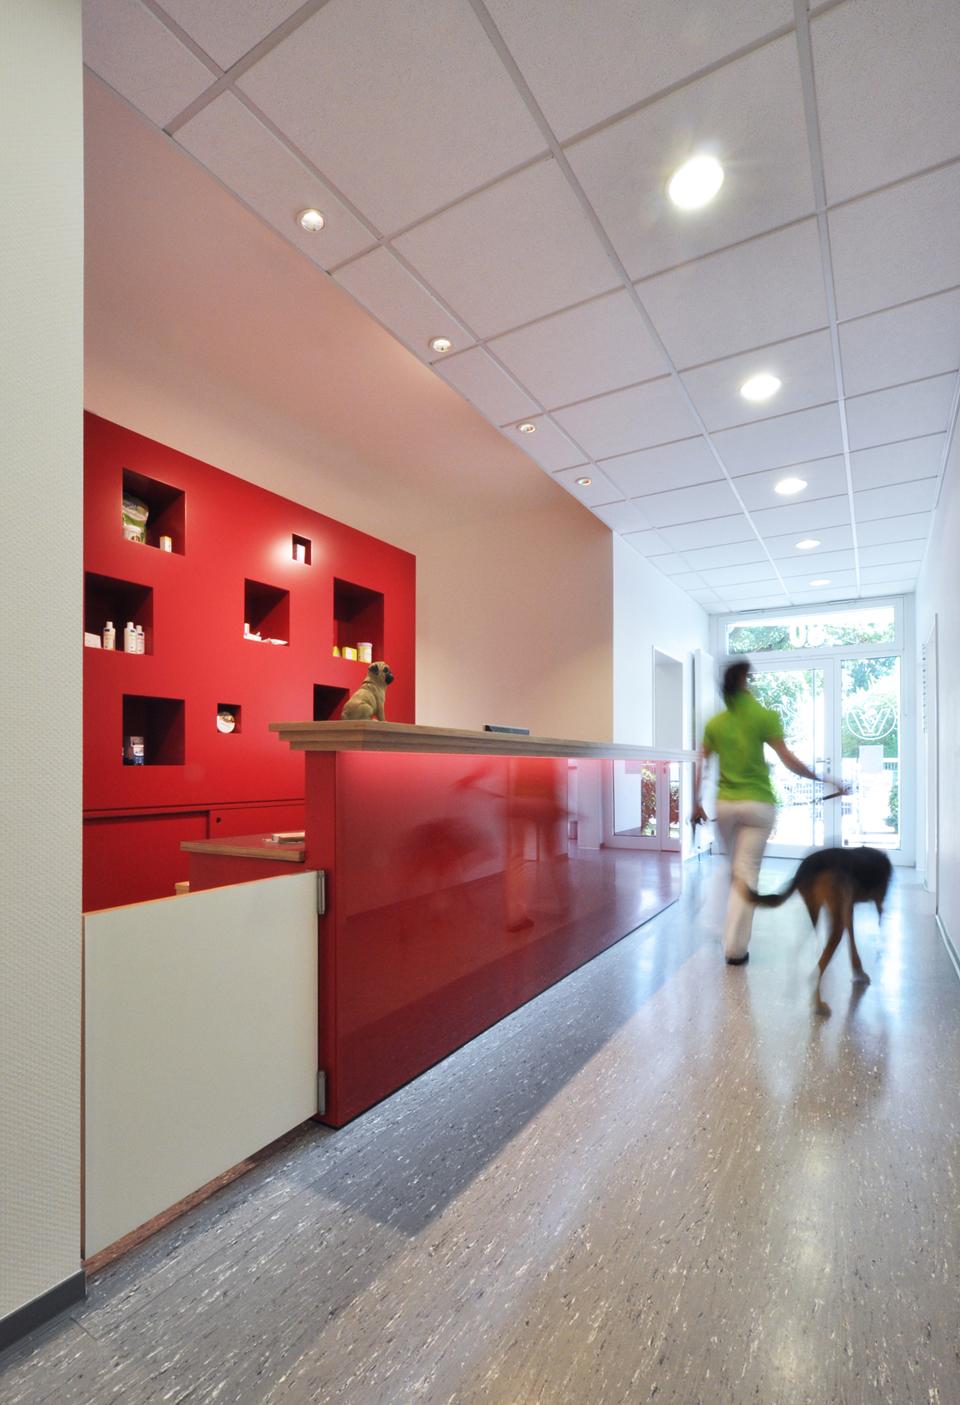 02 Gerresheim - Tierarztpraxis